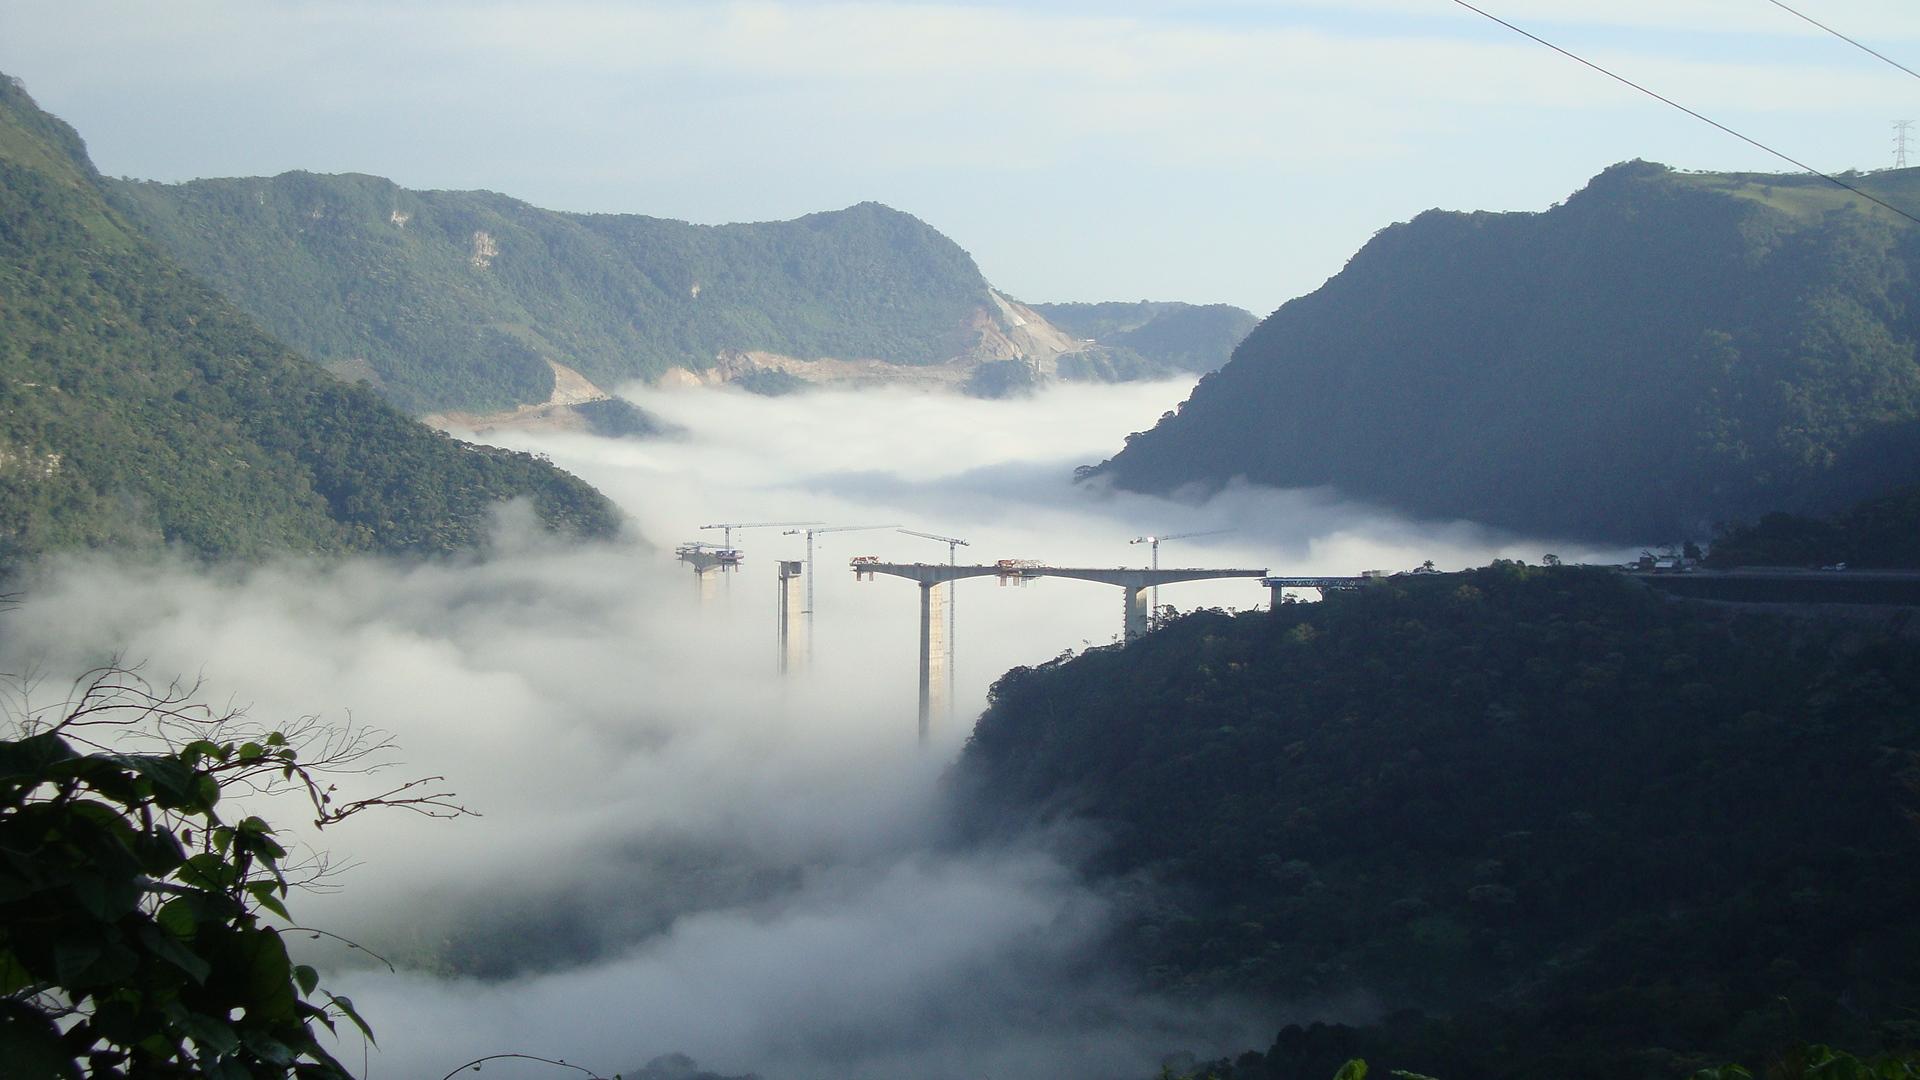 San Marcos over fog